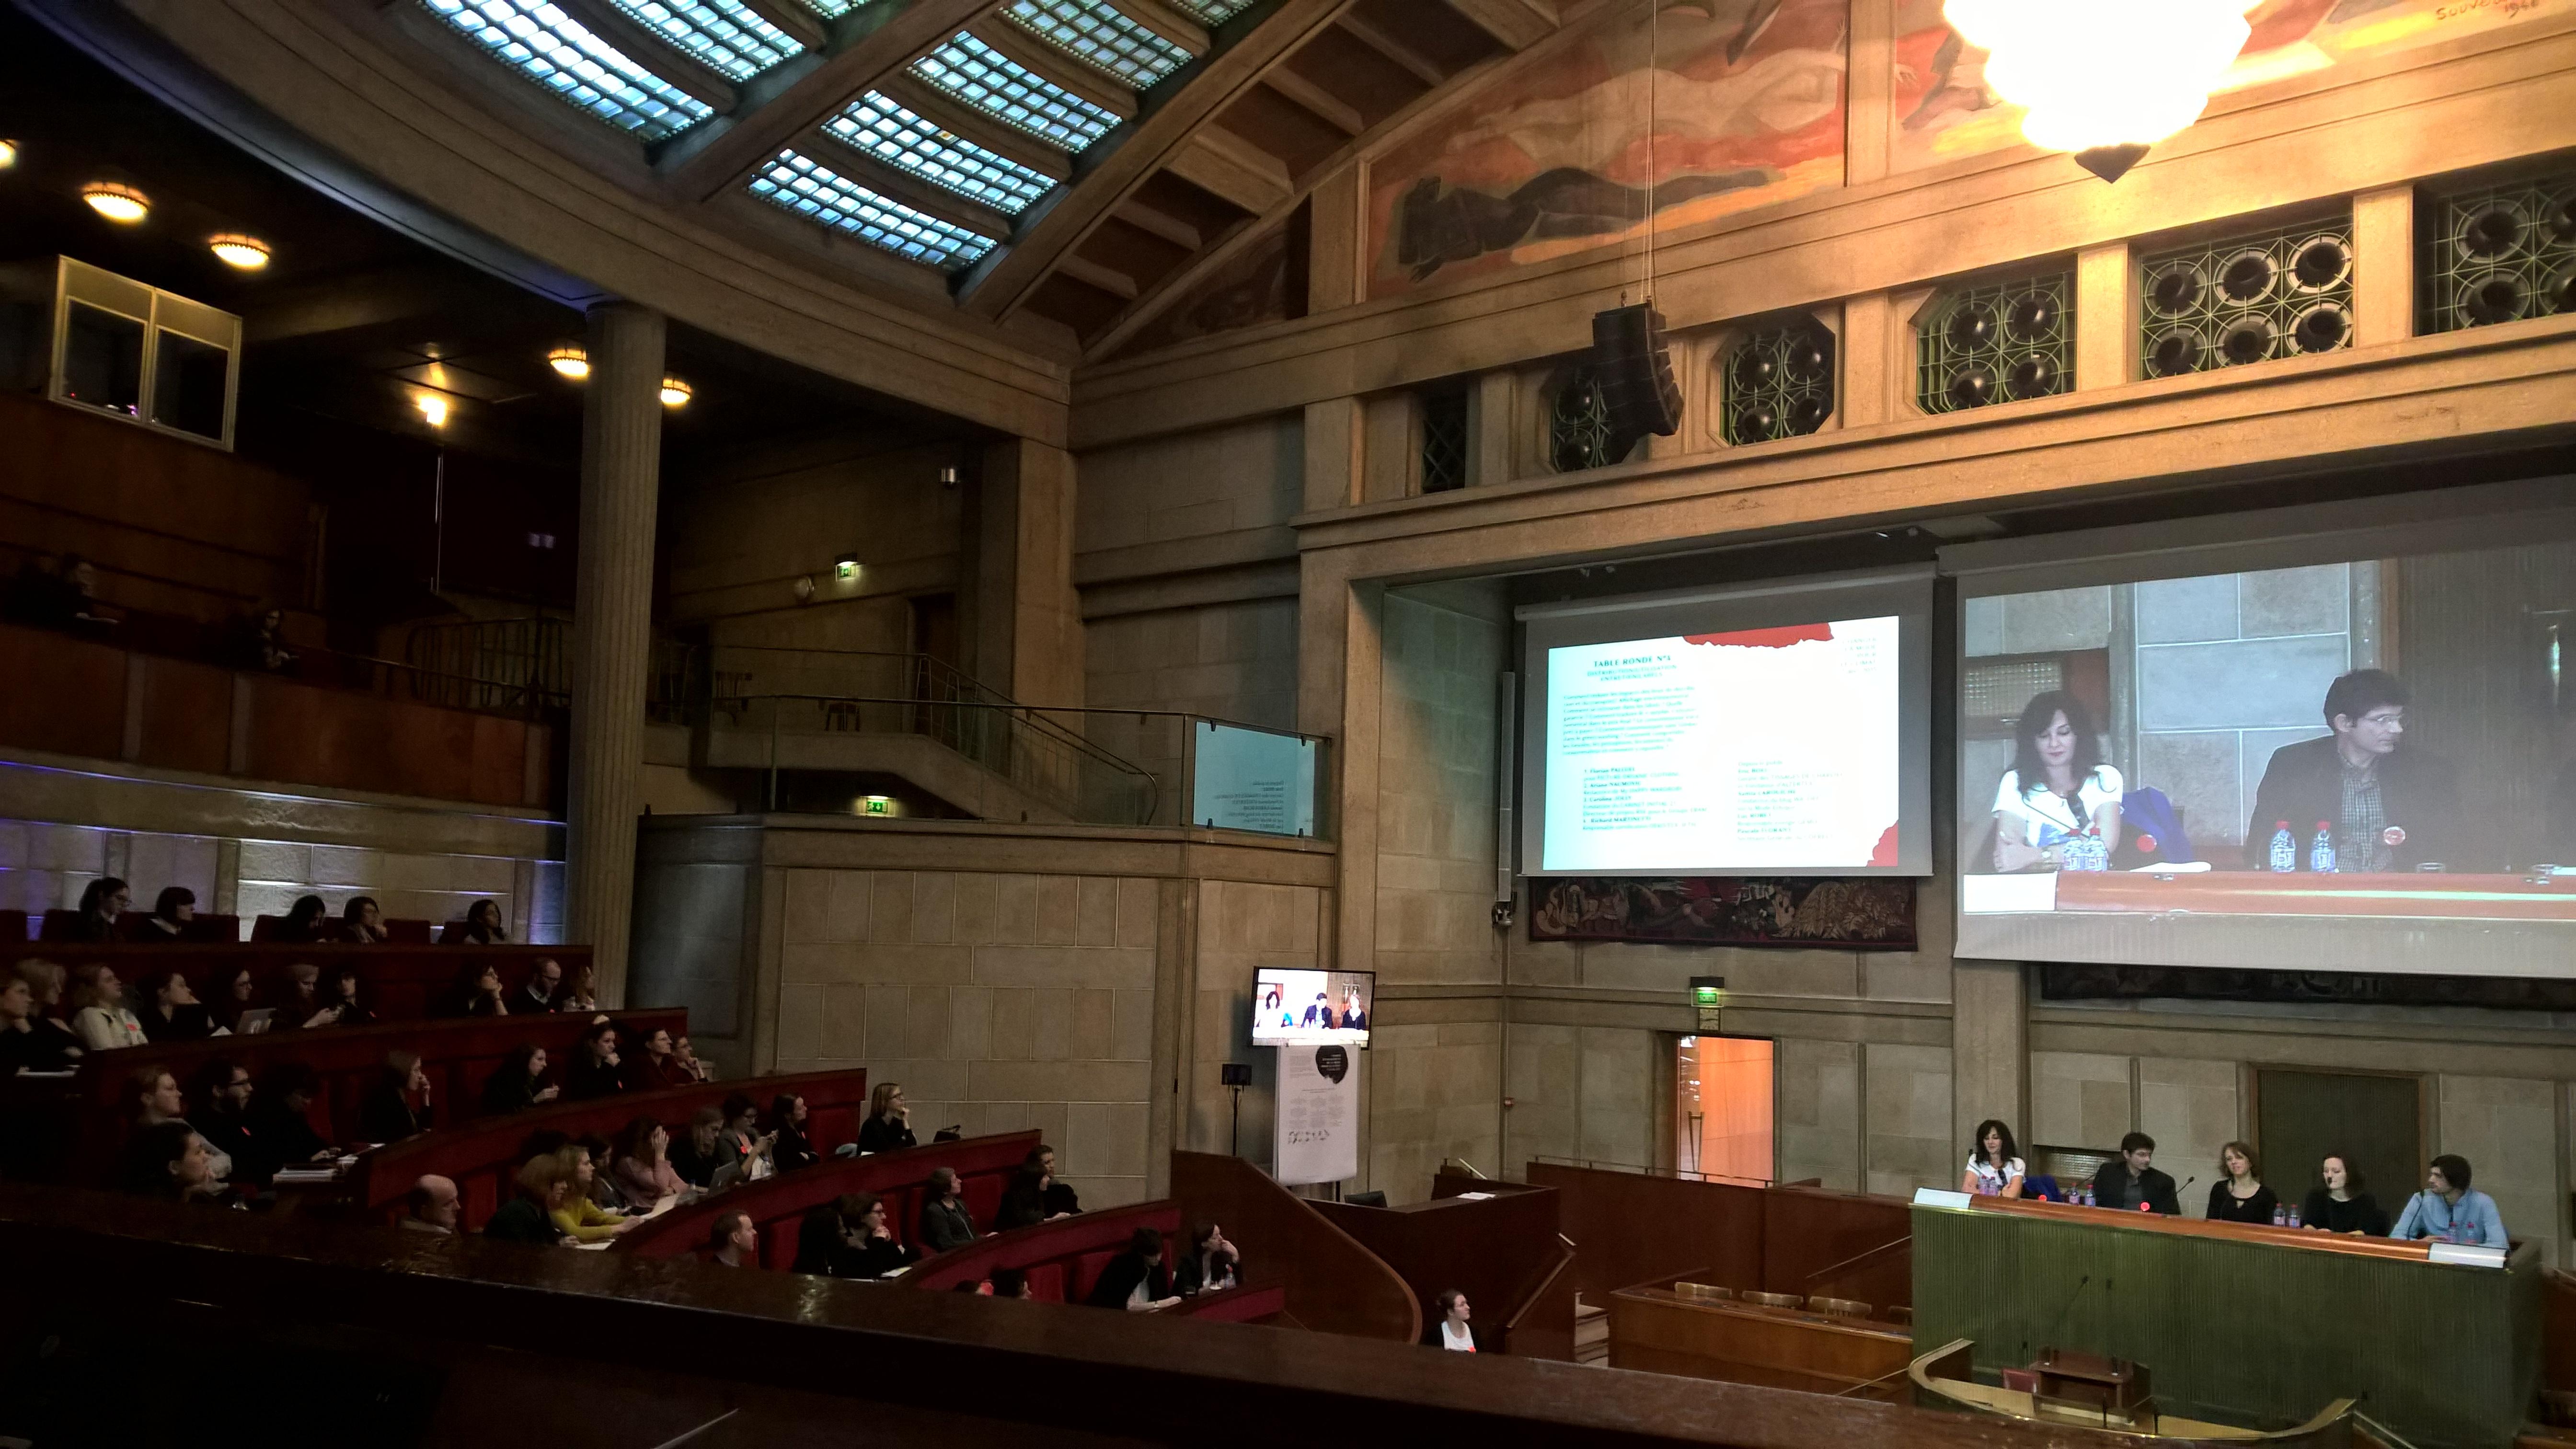 Changer la mode pour le climat COP21 Conseil économique social et environnemental